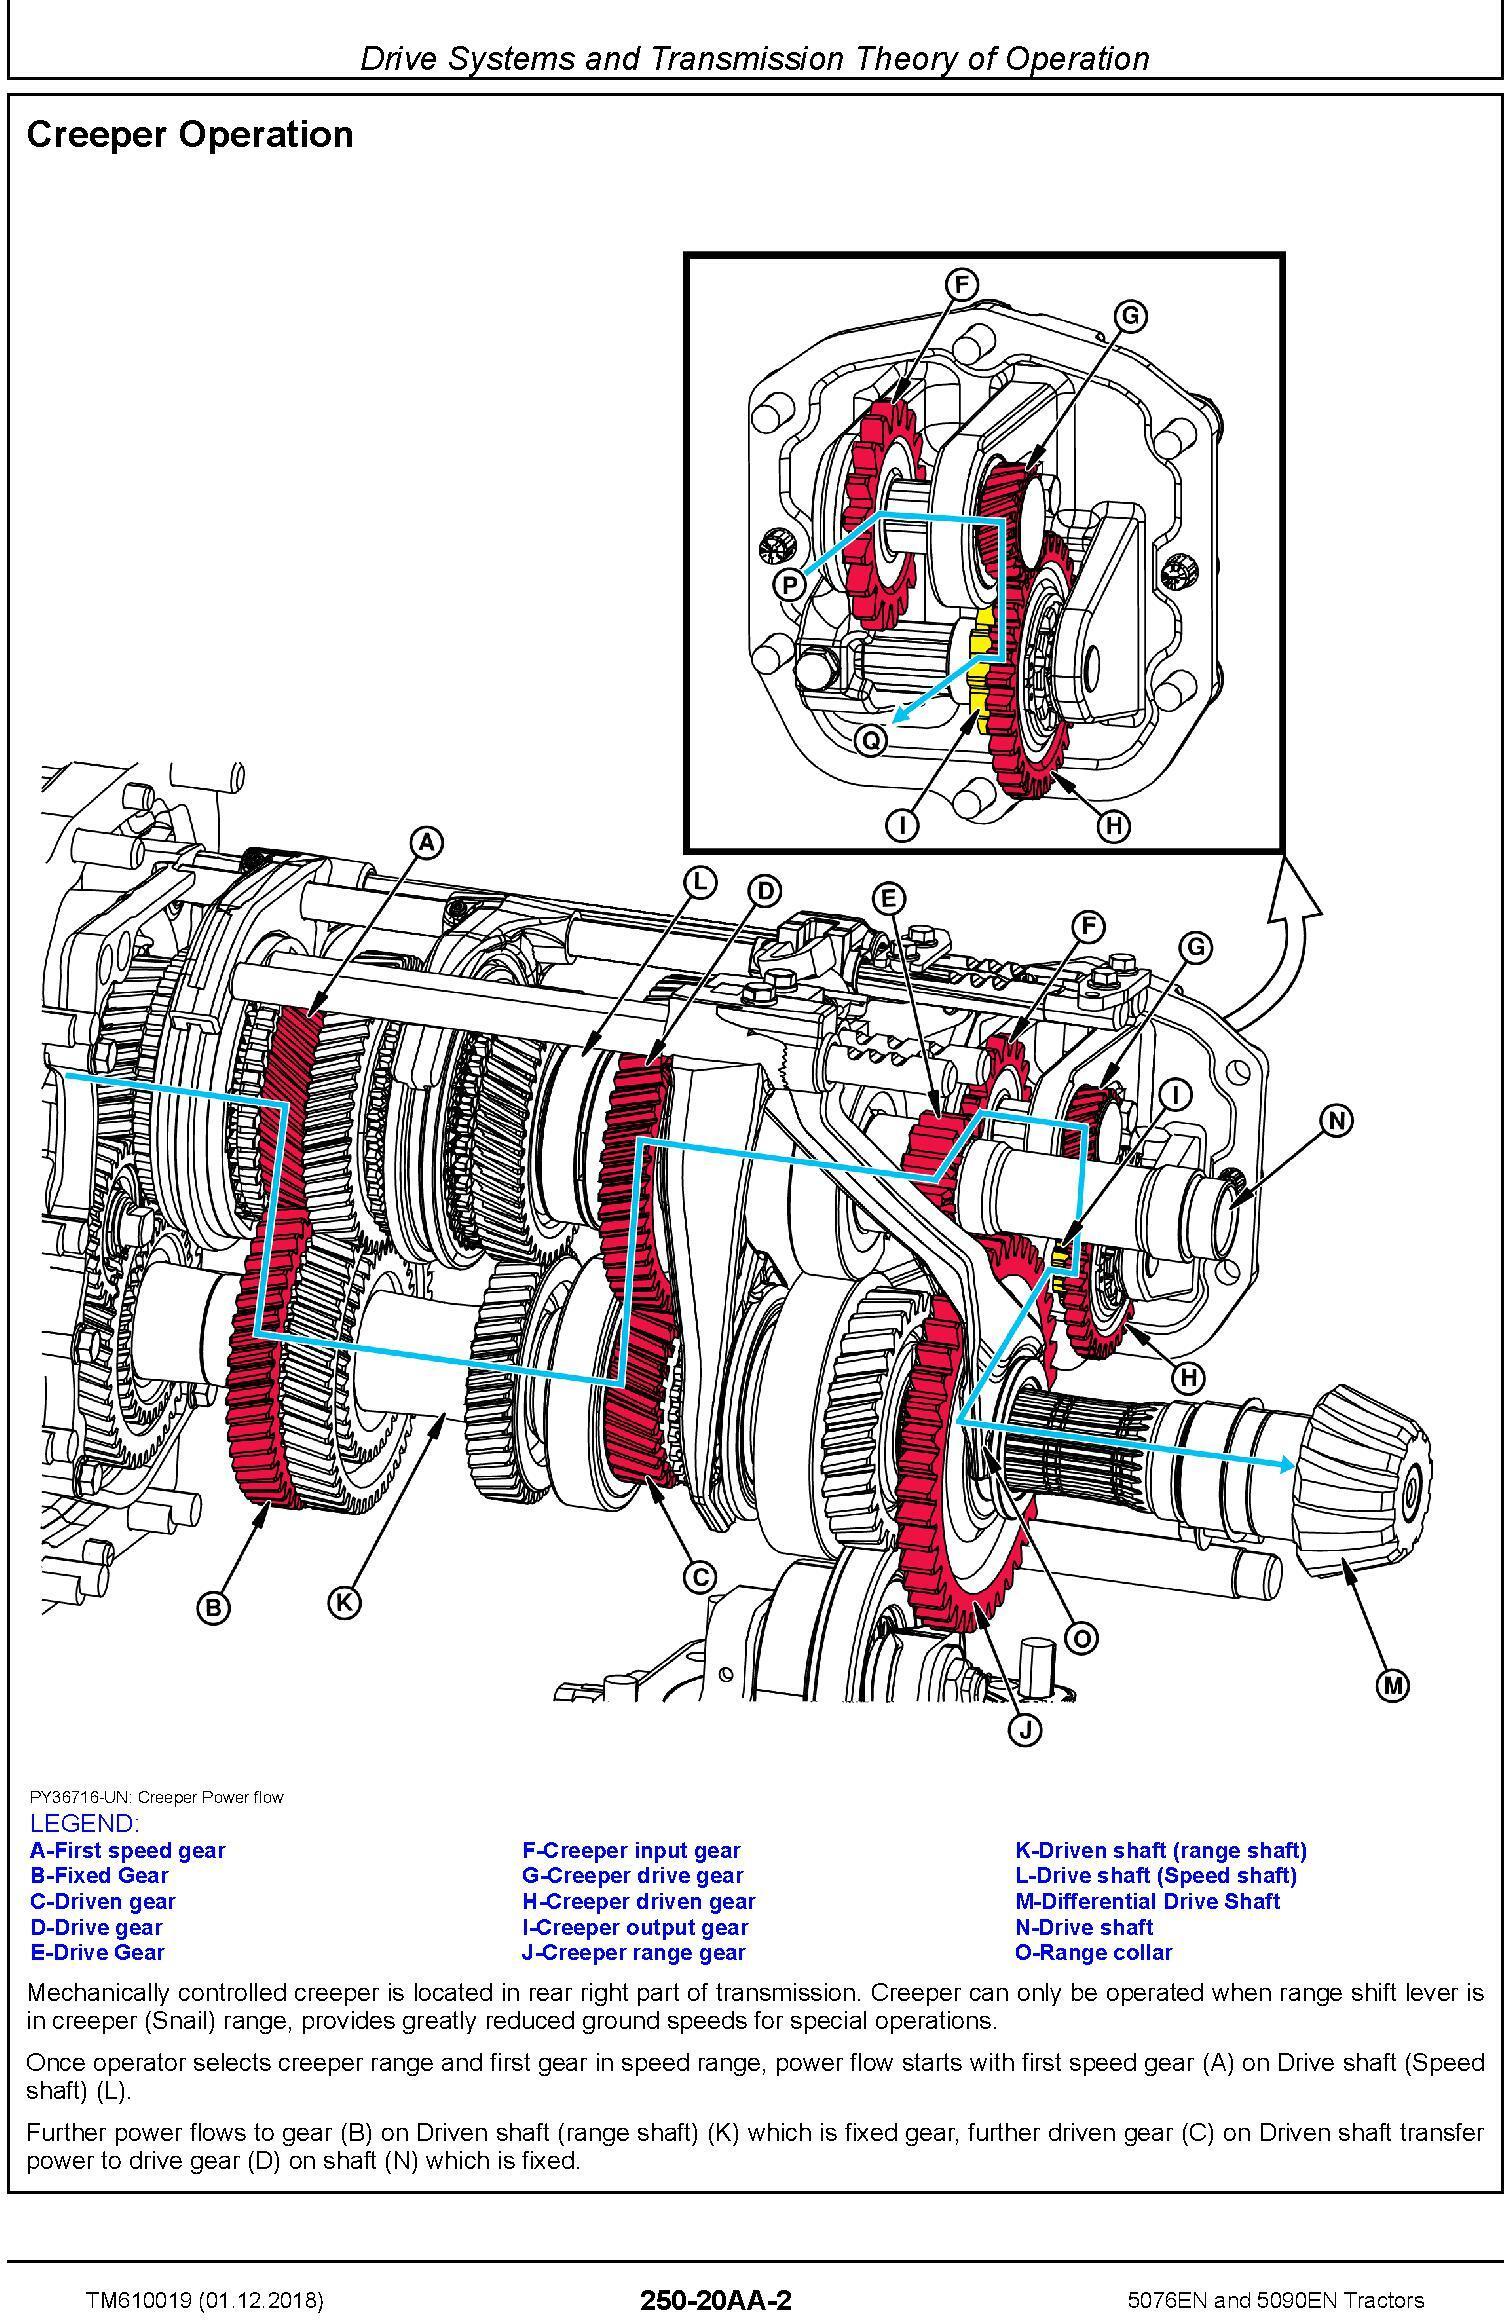 John Deere 5076EN and 5090EN Tractors Diagnostic Technical Service Manual (TM610019) - 3